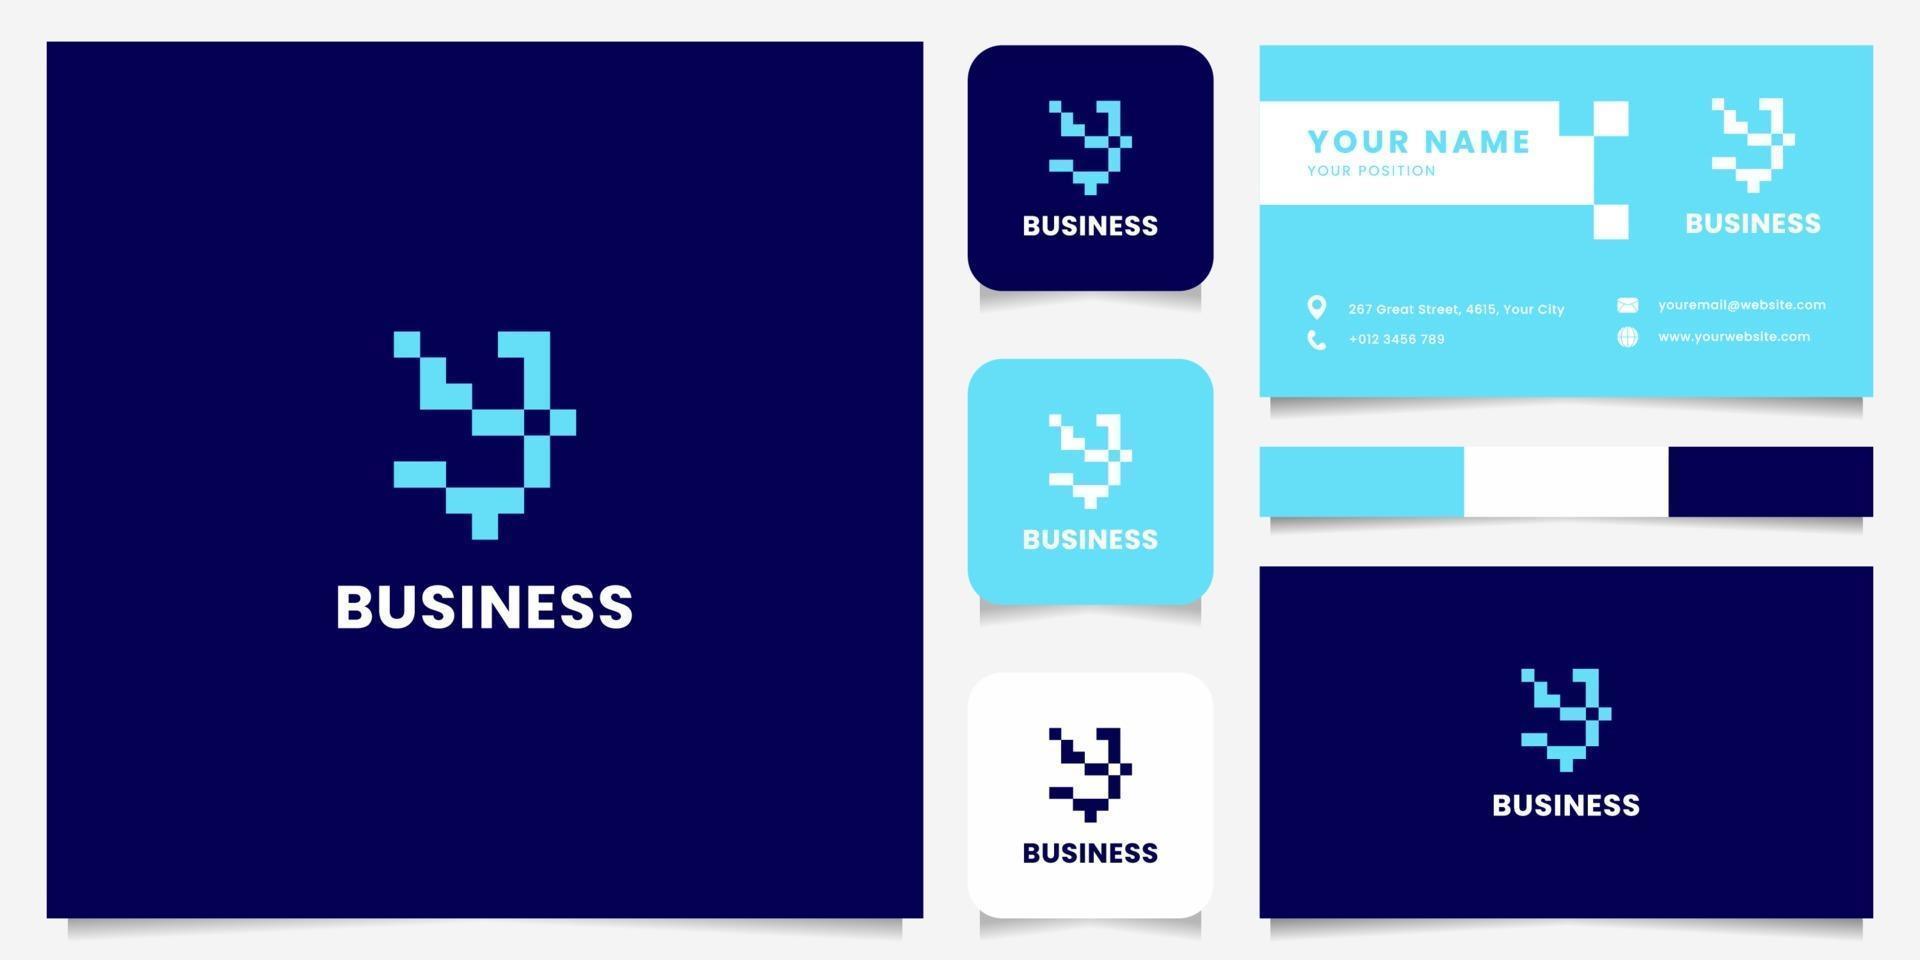 eenvoudig en minimalistisch blauw pixel letter y-logo met sjabloon voor visitekaartjes vector